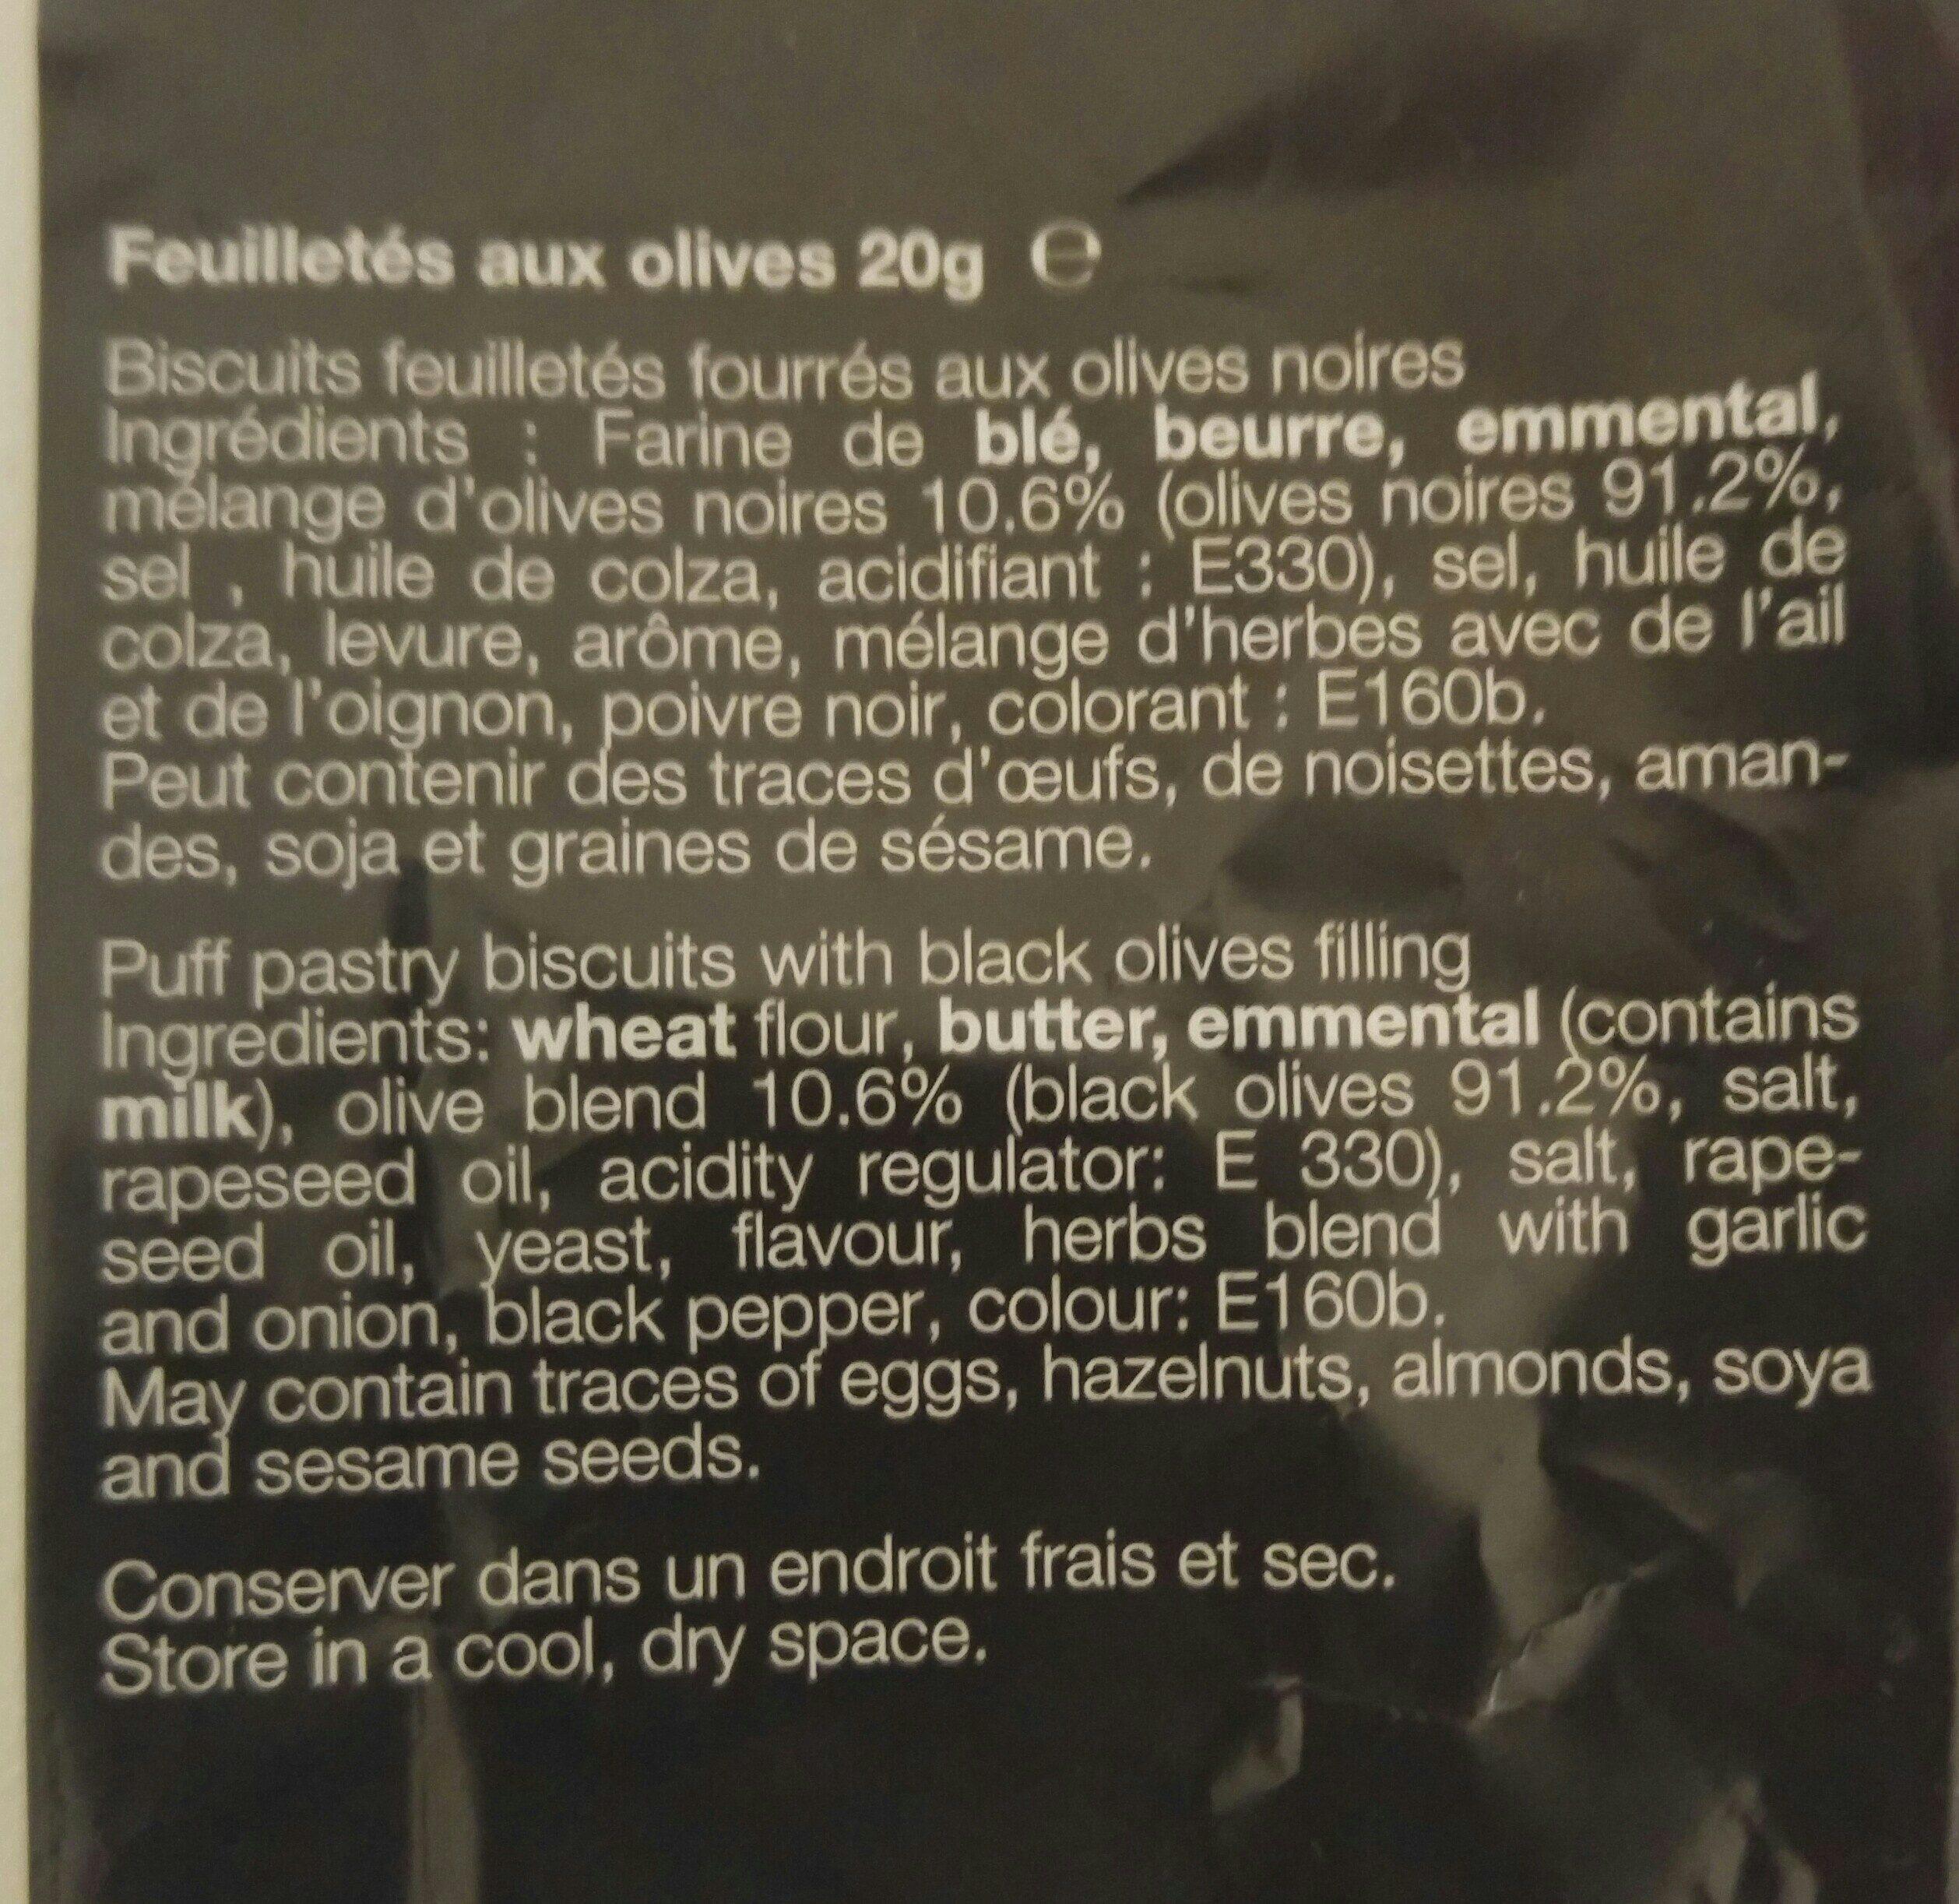 Feuilletés aux olives - Ingredients